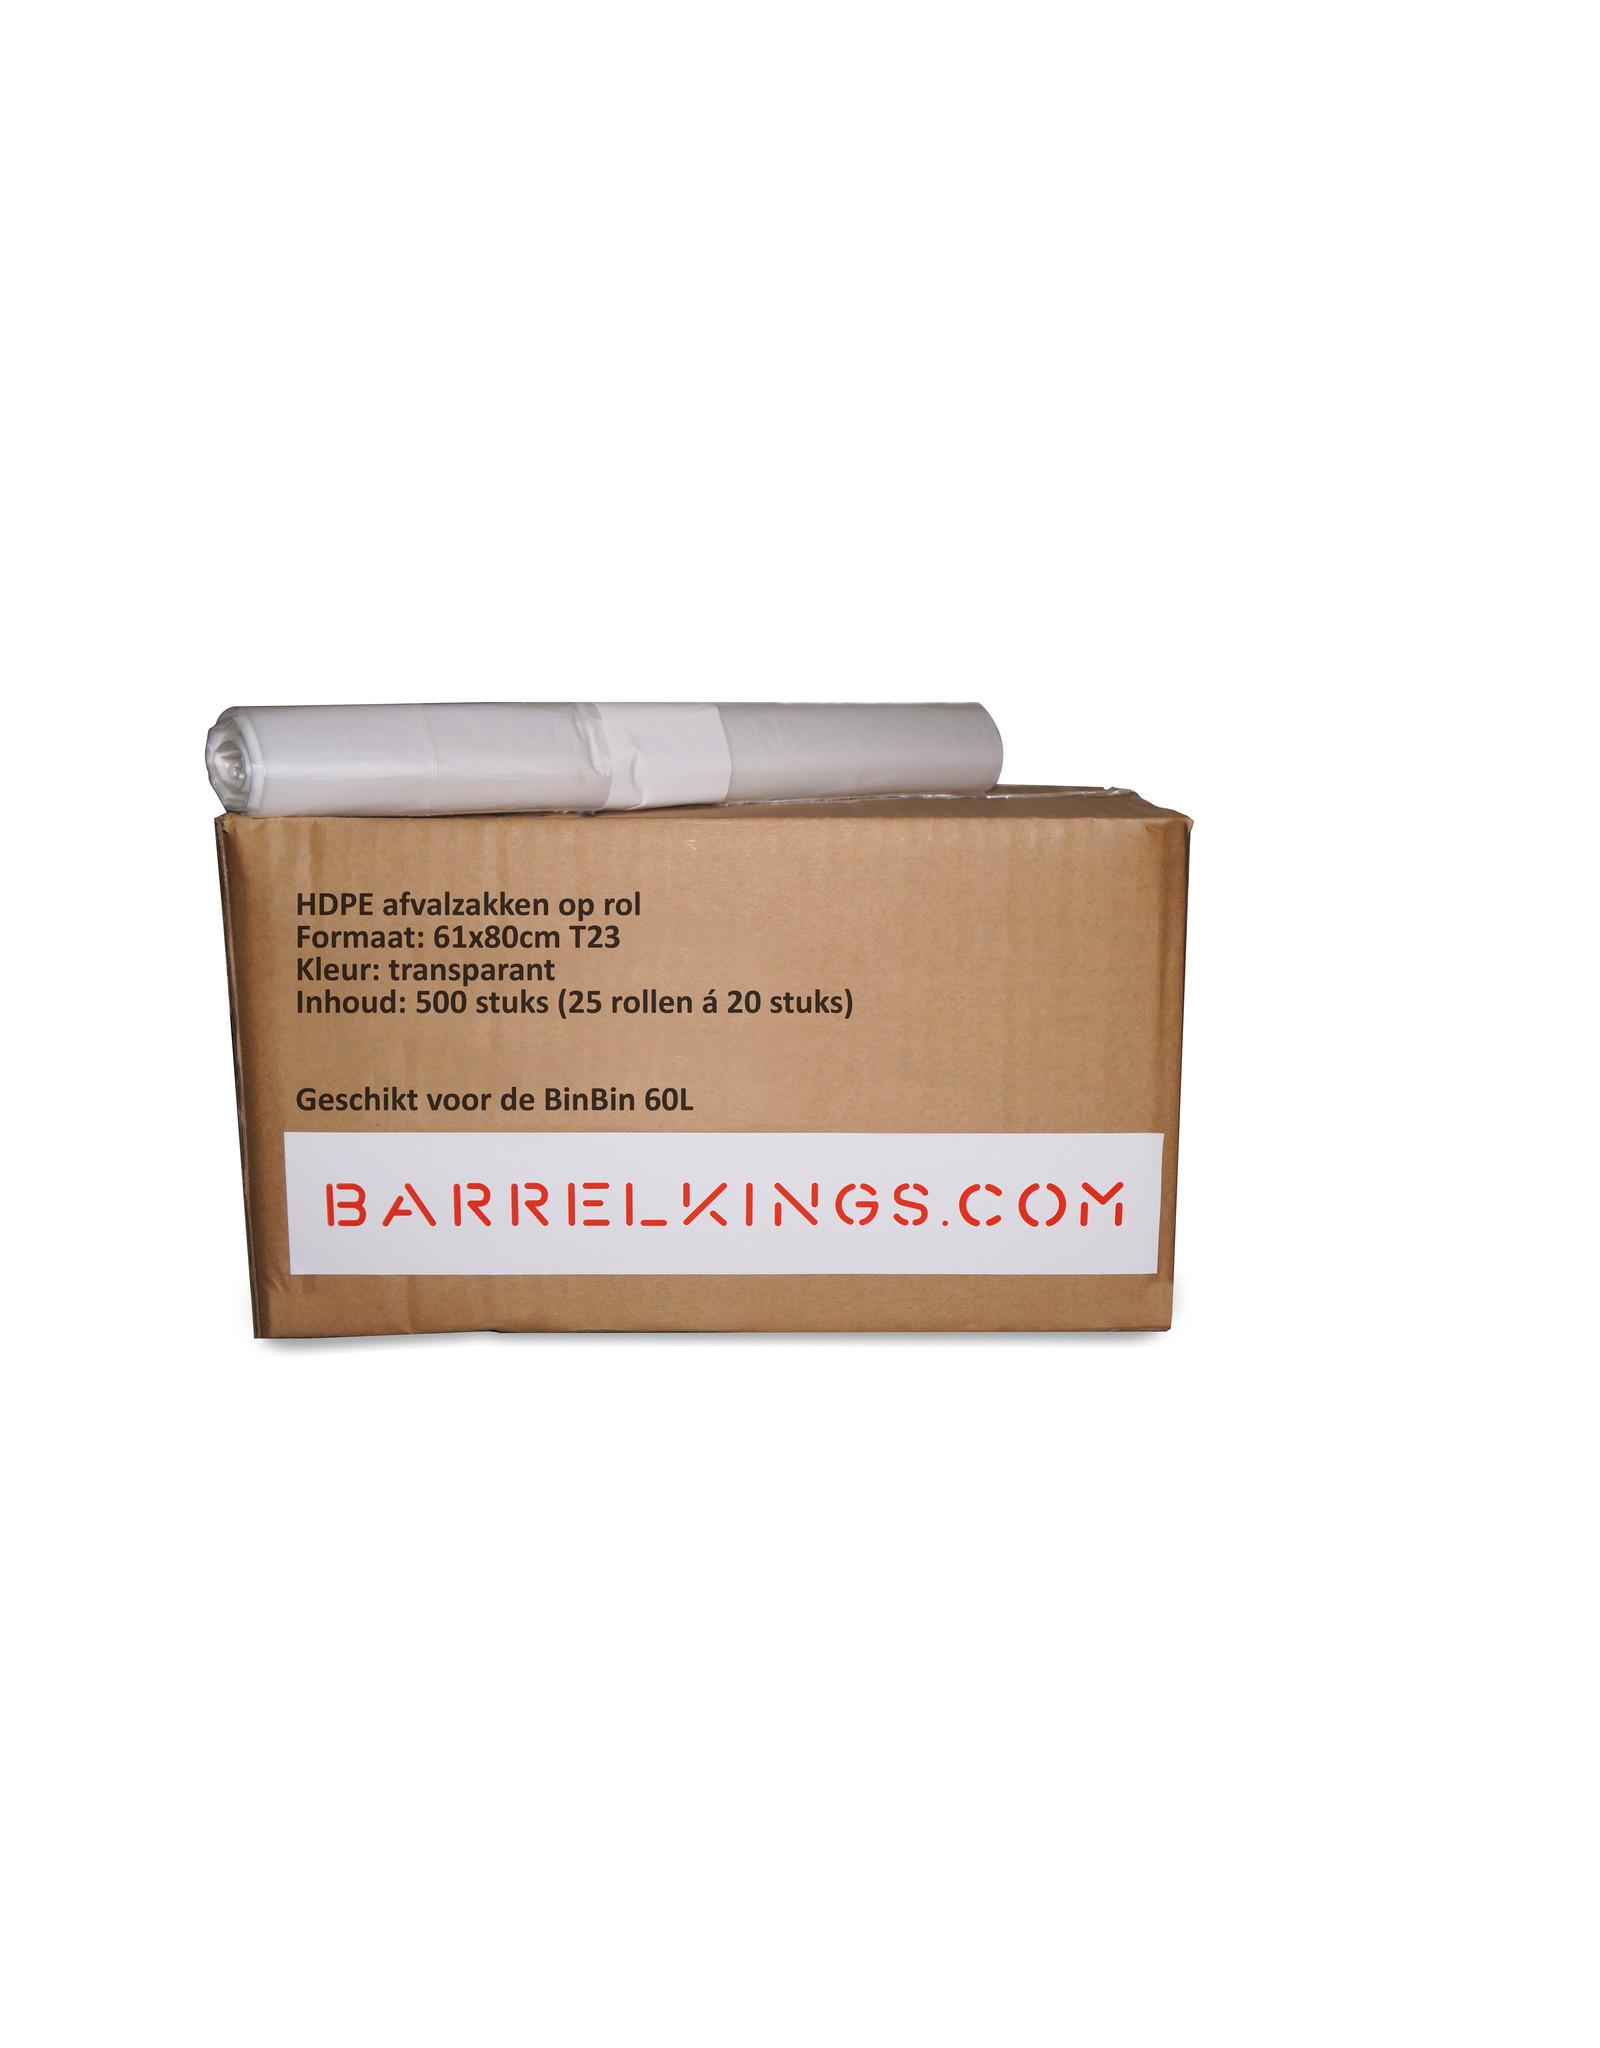 Barrelkings Afvalzak BinBin 60L Transparant 500st.